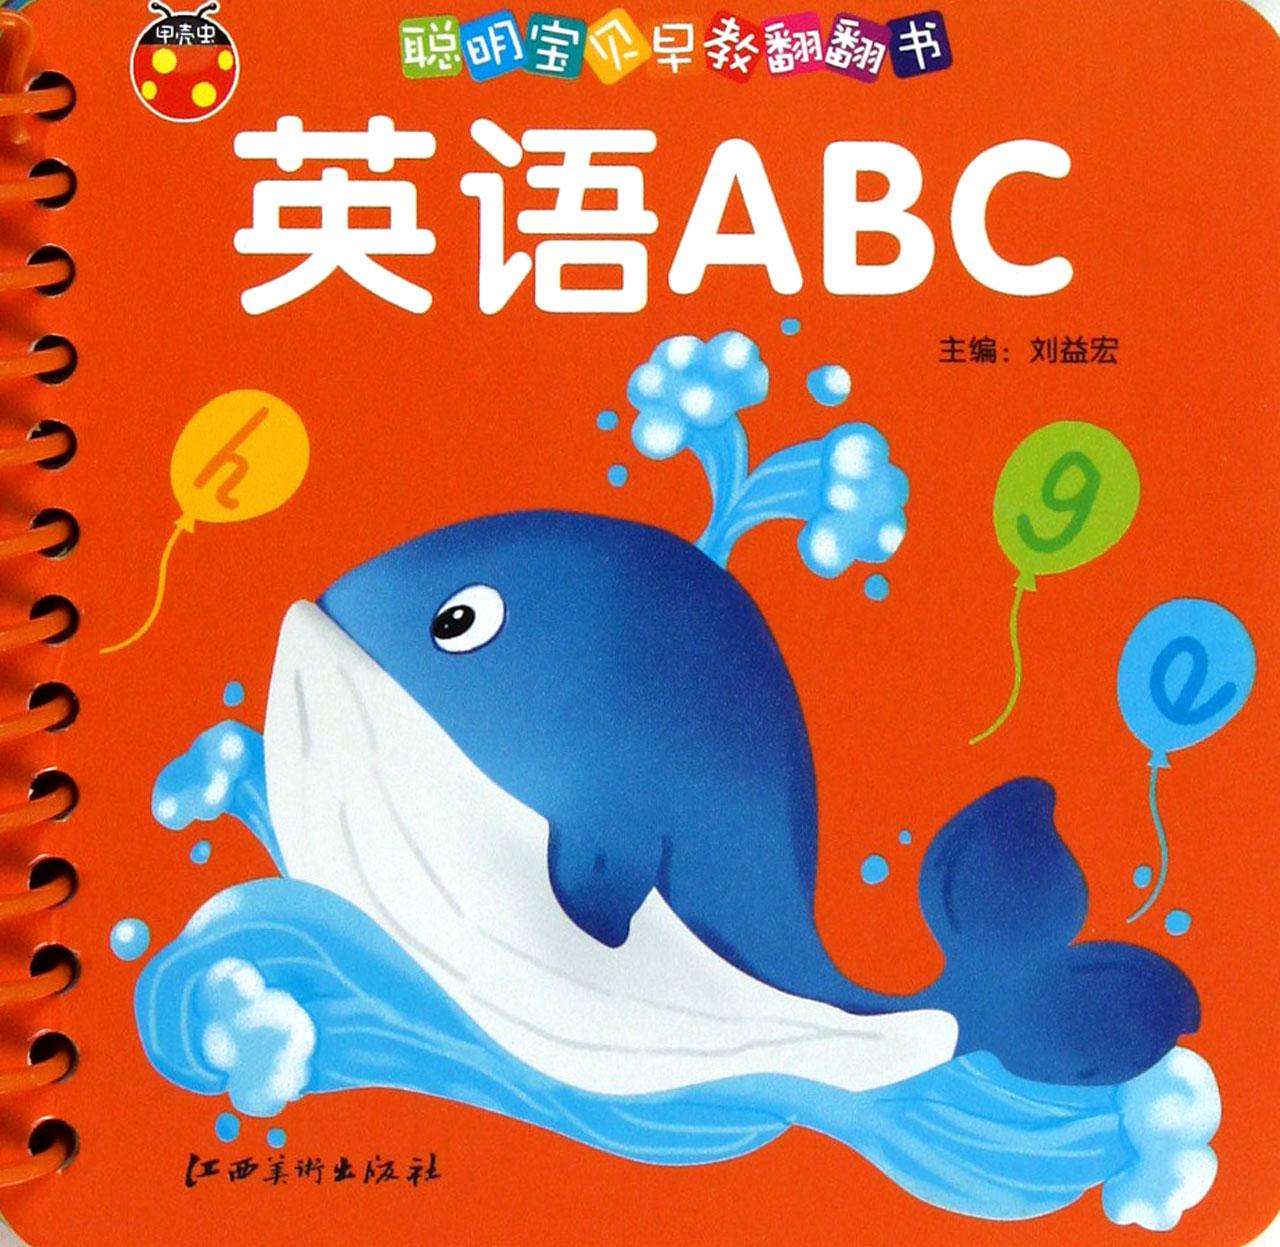 英语绘画设计封面